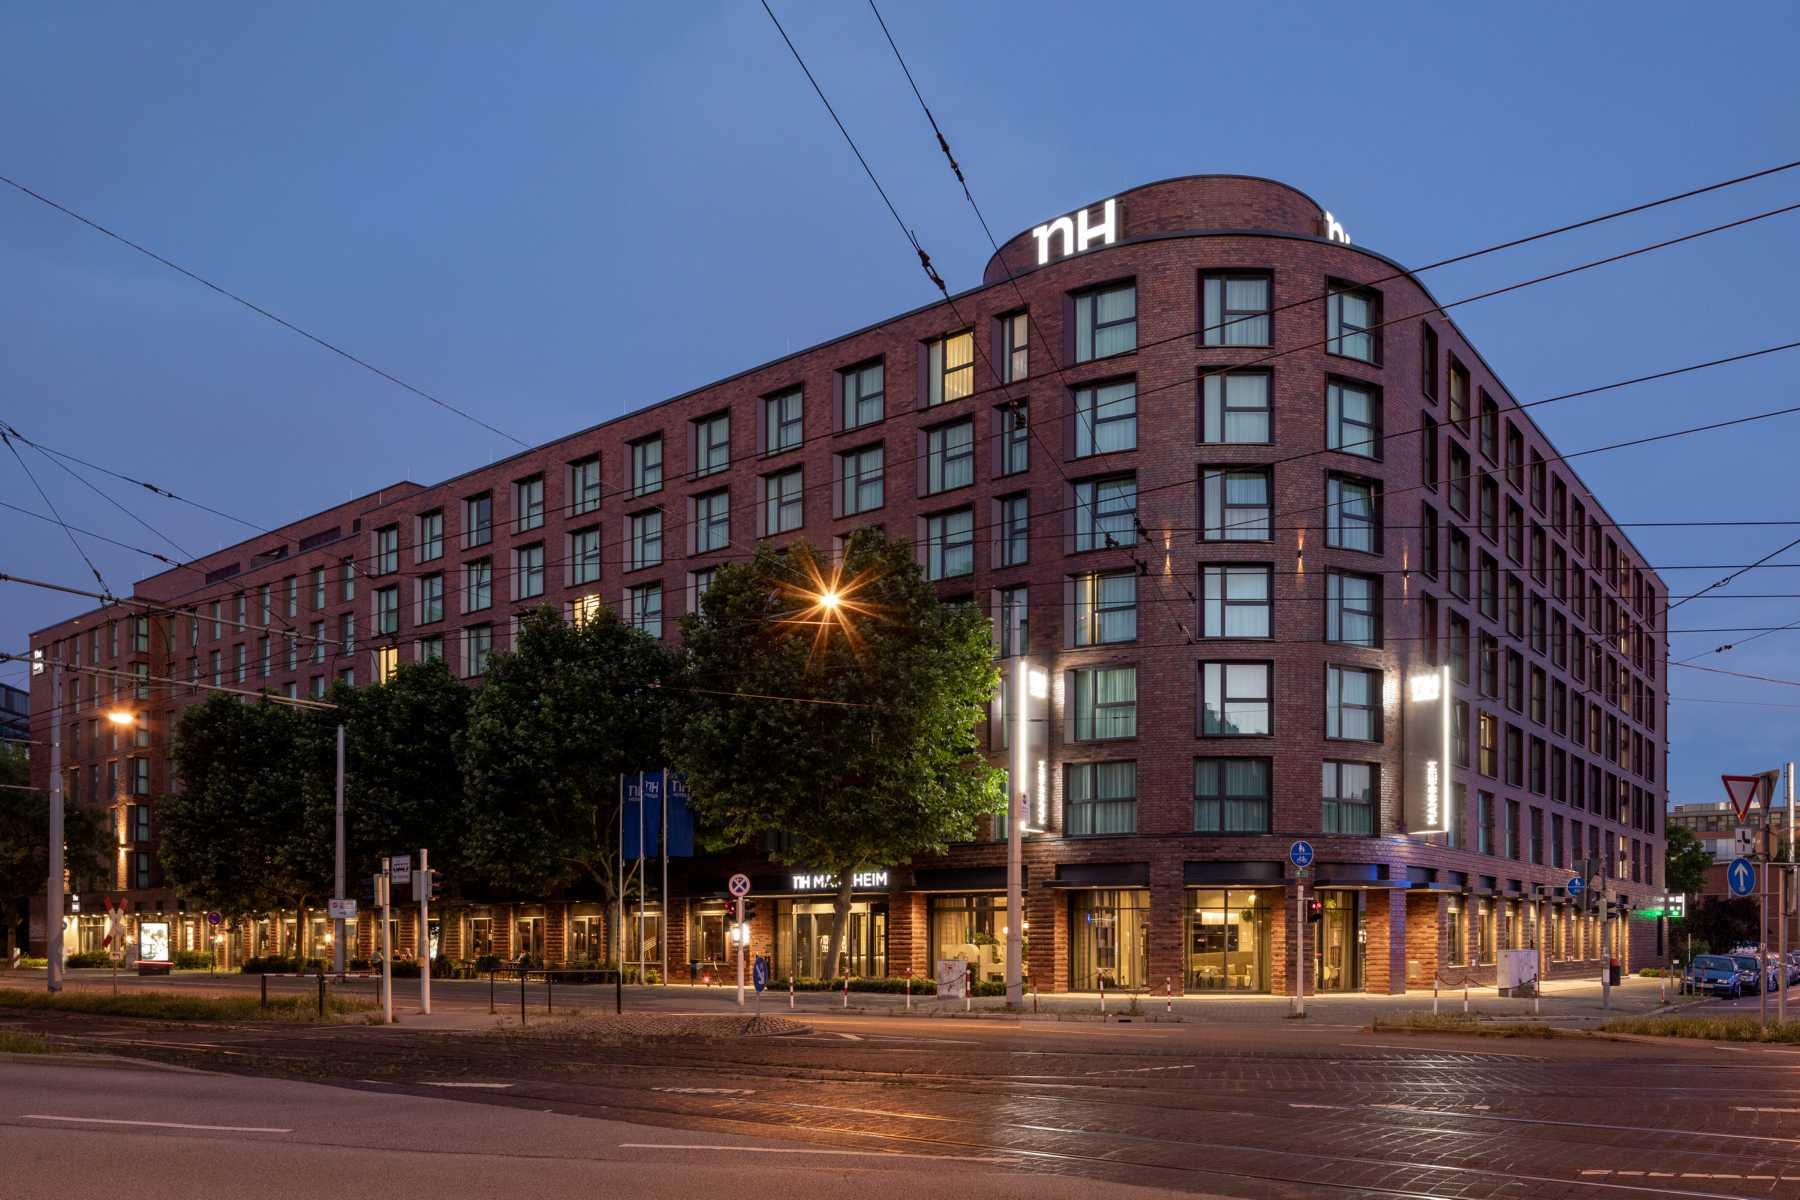 K1600_20200624_129_Prasch Buken Partner Architekten ©DUCKEK NH Hotels niu Hotels Mannheim__G9A5886